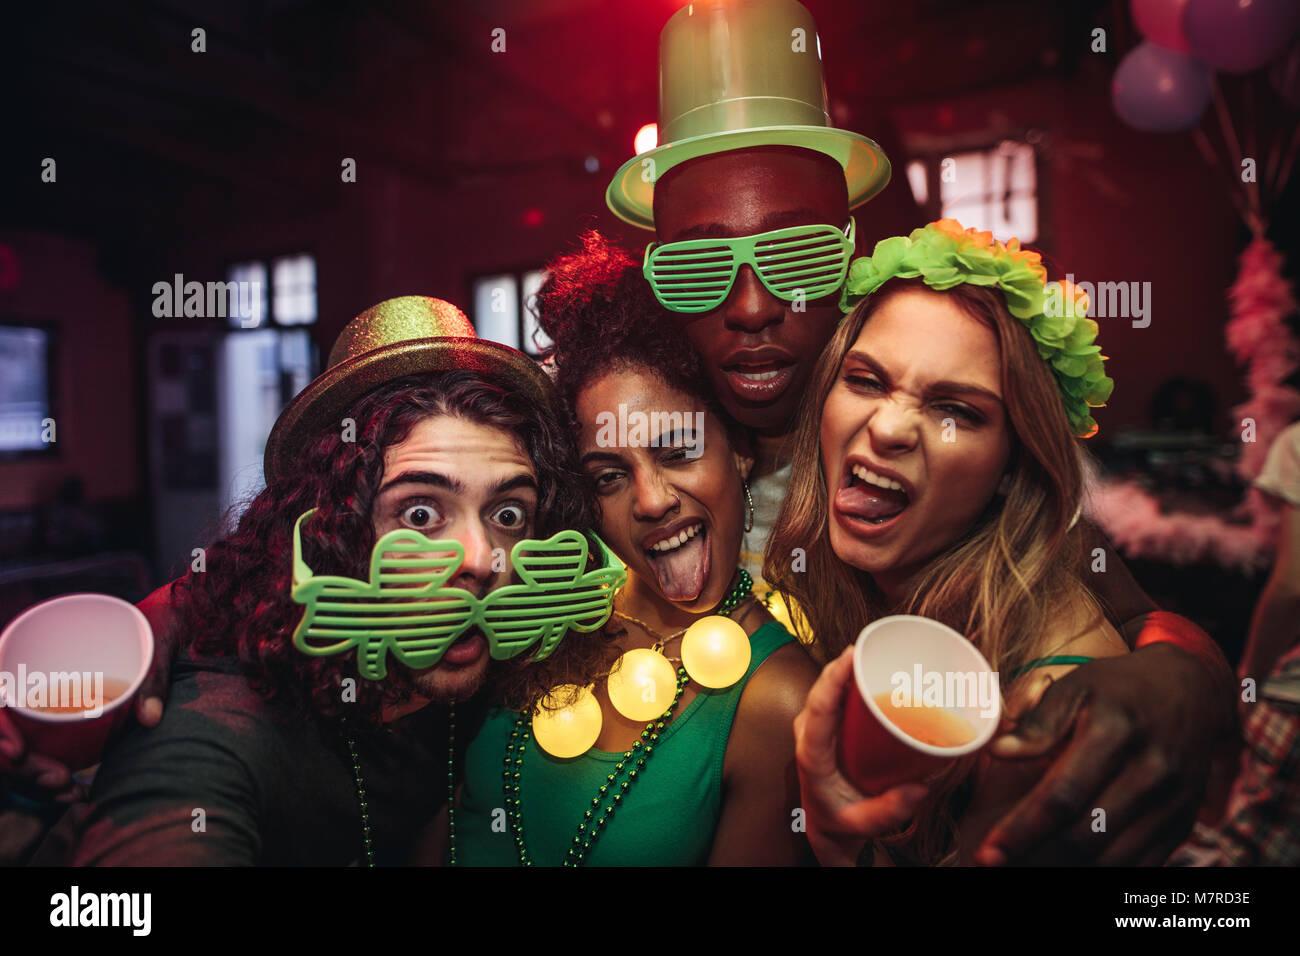 Crazy jeunes amis profitant d'une partie au pub. Les hommes et les femmes dans le trèfle vert partie lunettes et chapeau de leprechaun at night club. Les gens célébrant St.Patri Banque D'Images